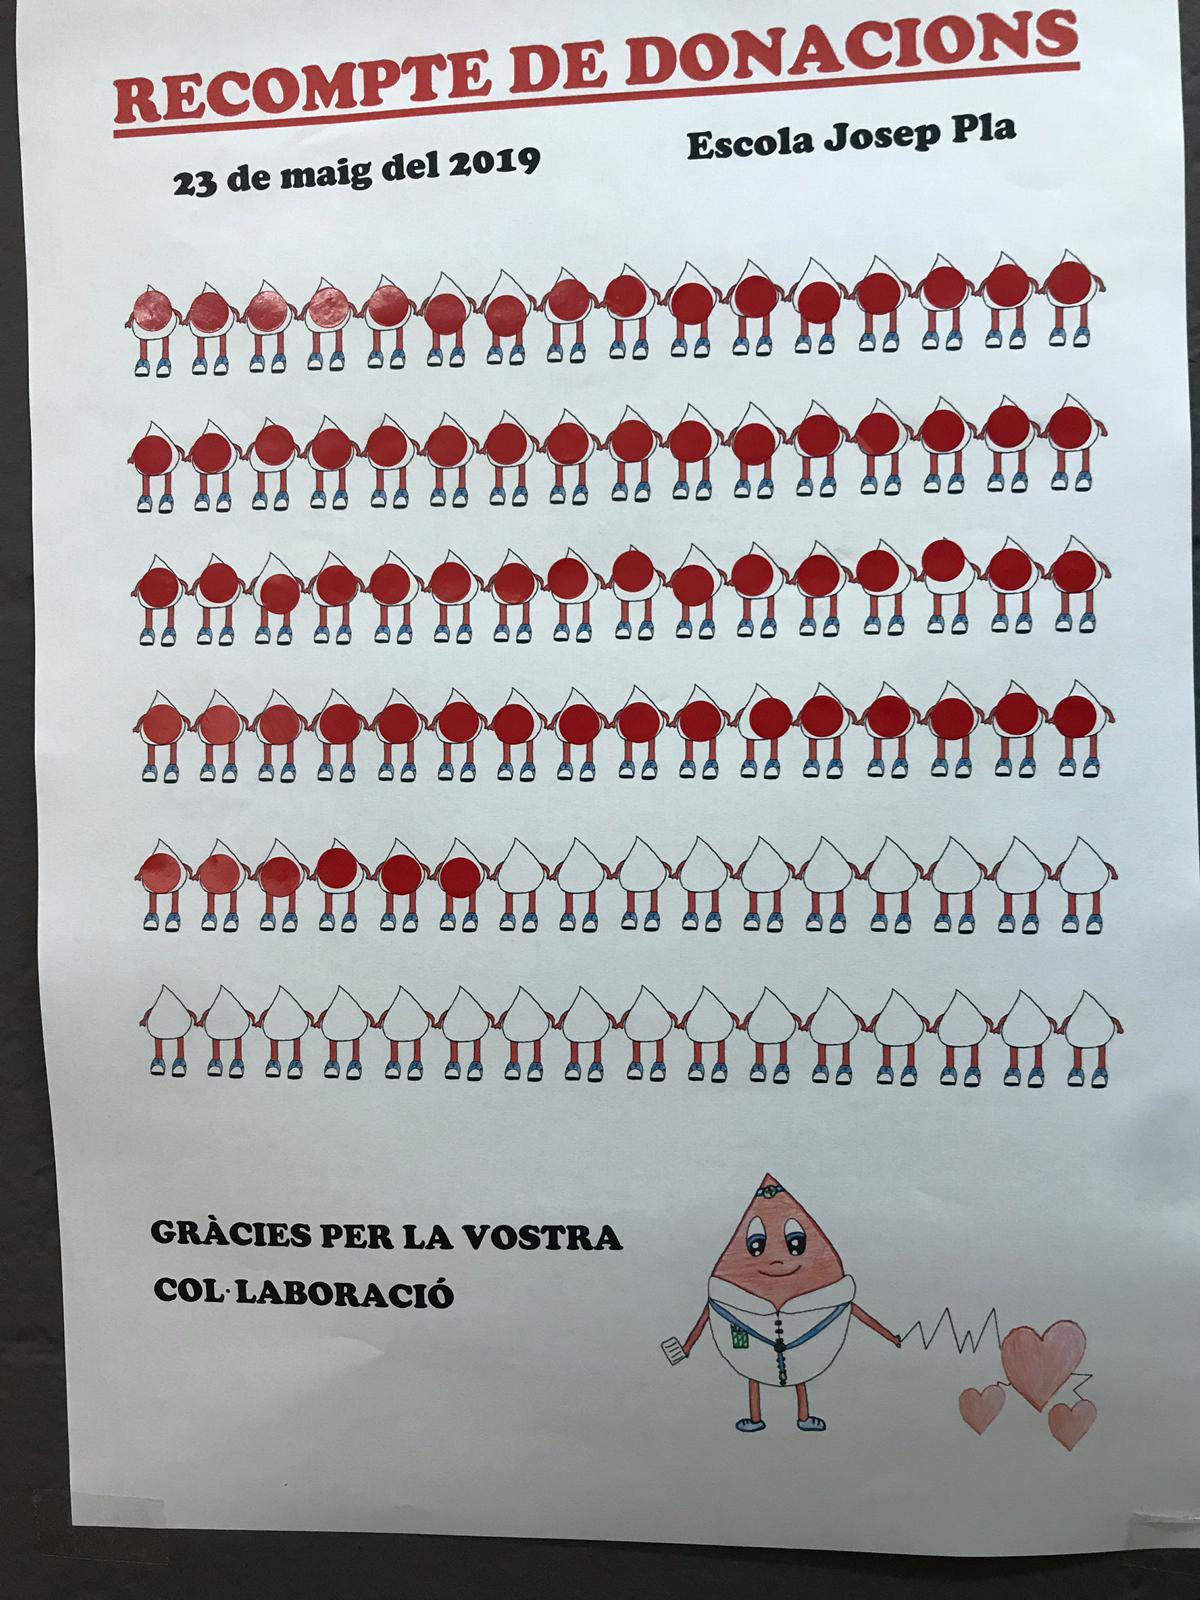 Donació sang escola Josep Pla 2019 03